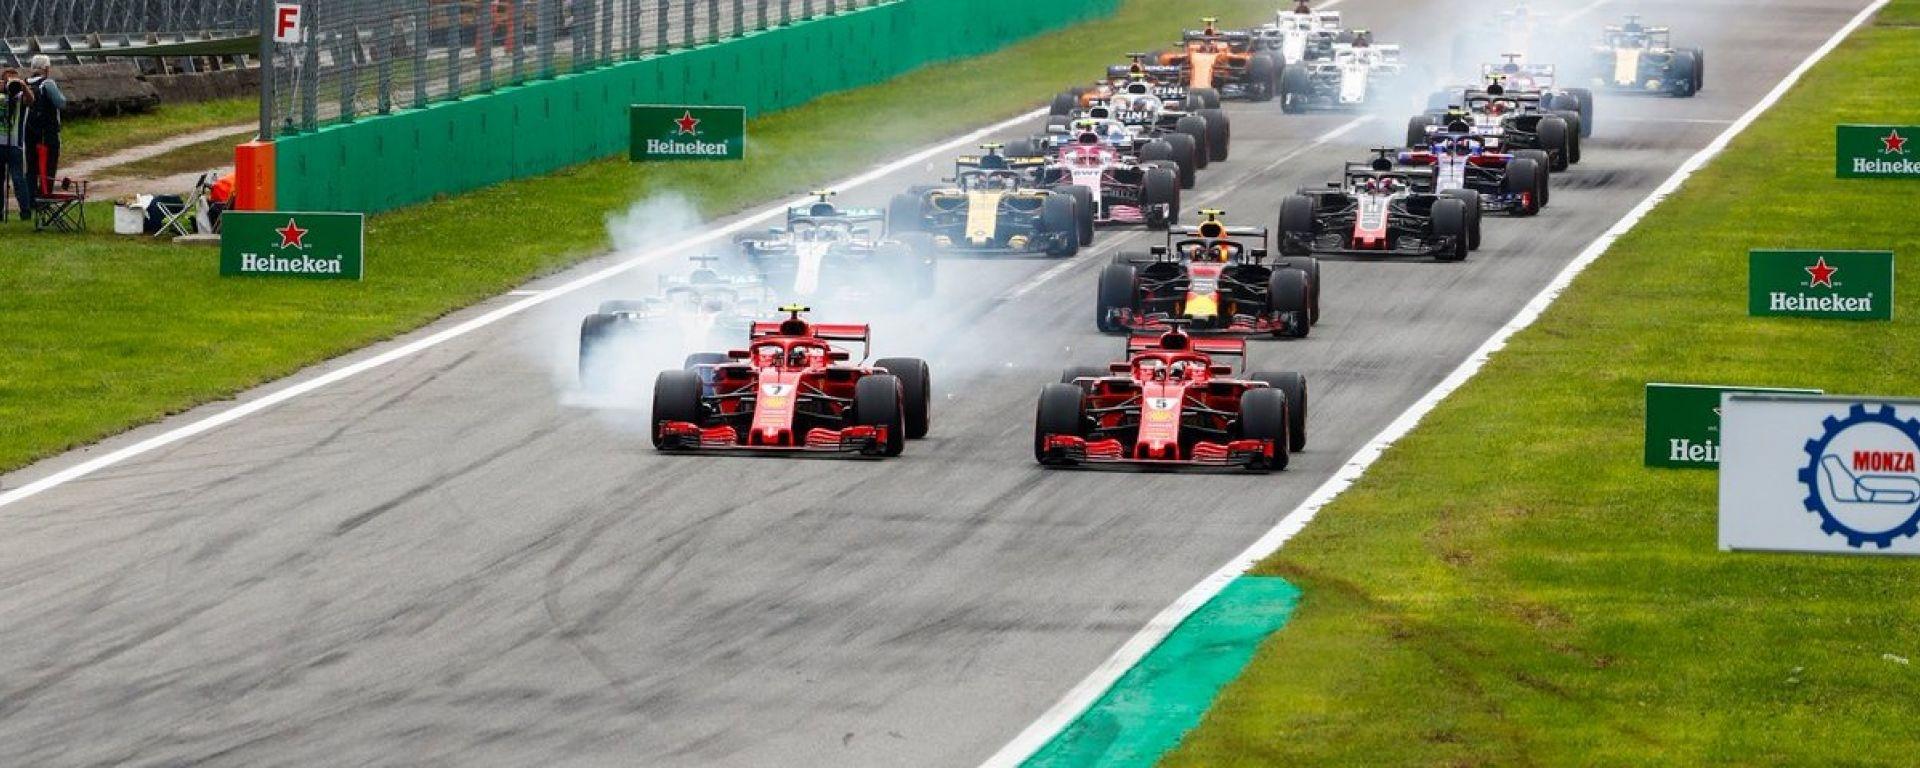 Formula 1, Monza vuole rifarsi il look in vista del centenario